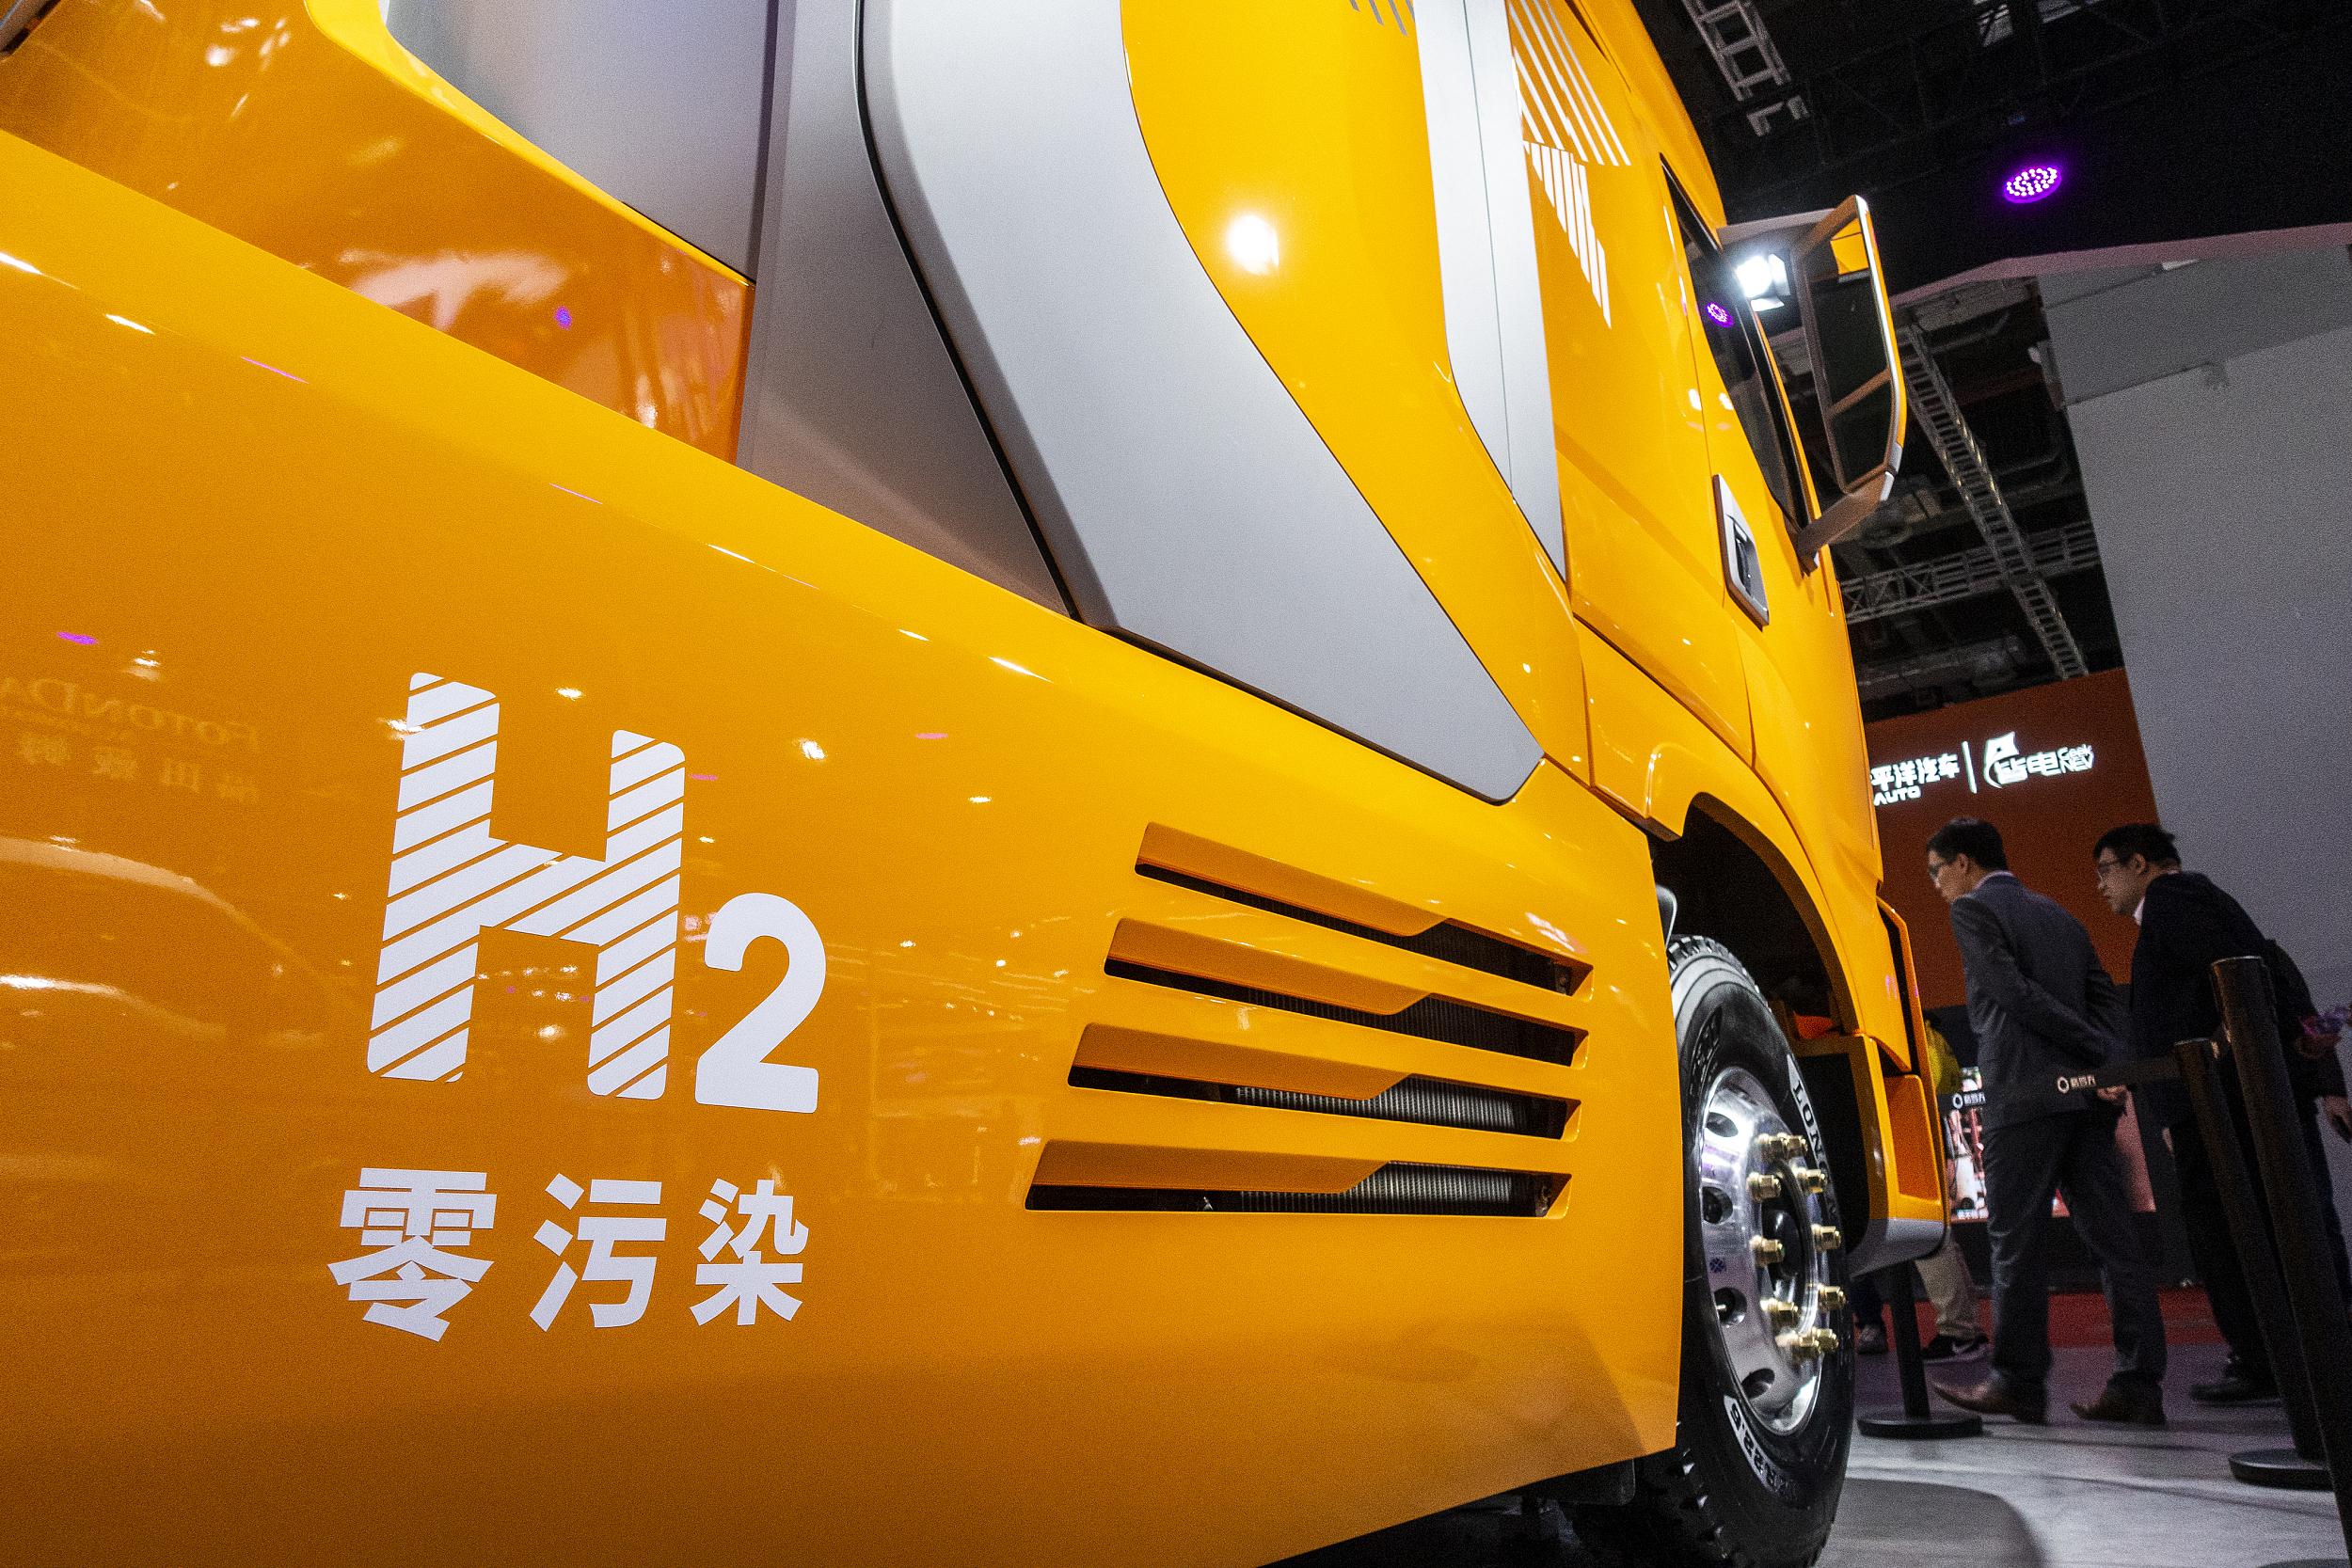 新能源汽车|新能源崛起将很快威胁到柴油车 两大重型卡车巨头大手笔押注氢燃料车